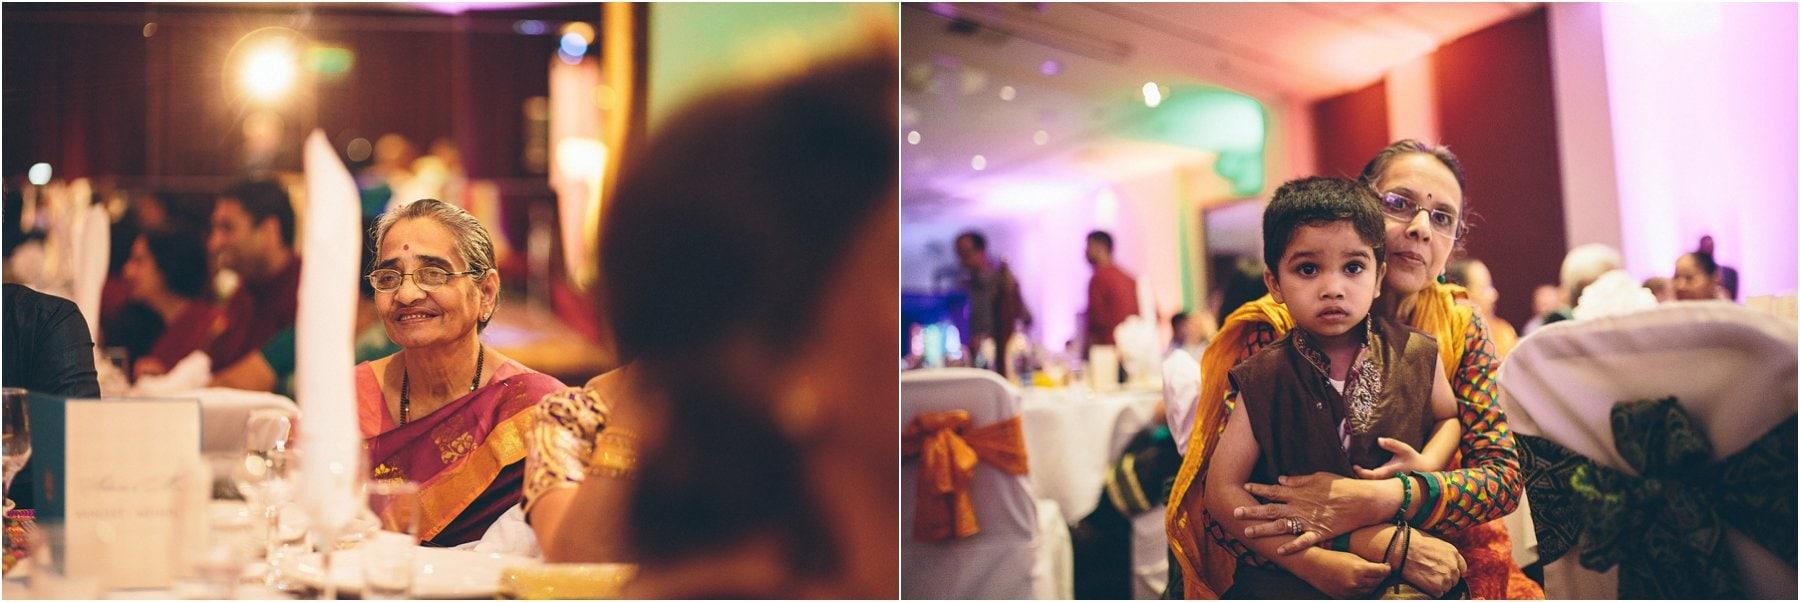 Lancashire_Indian_Wedding_Photography_0023